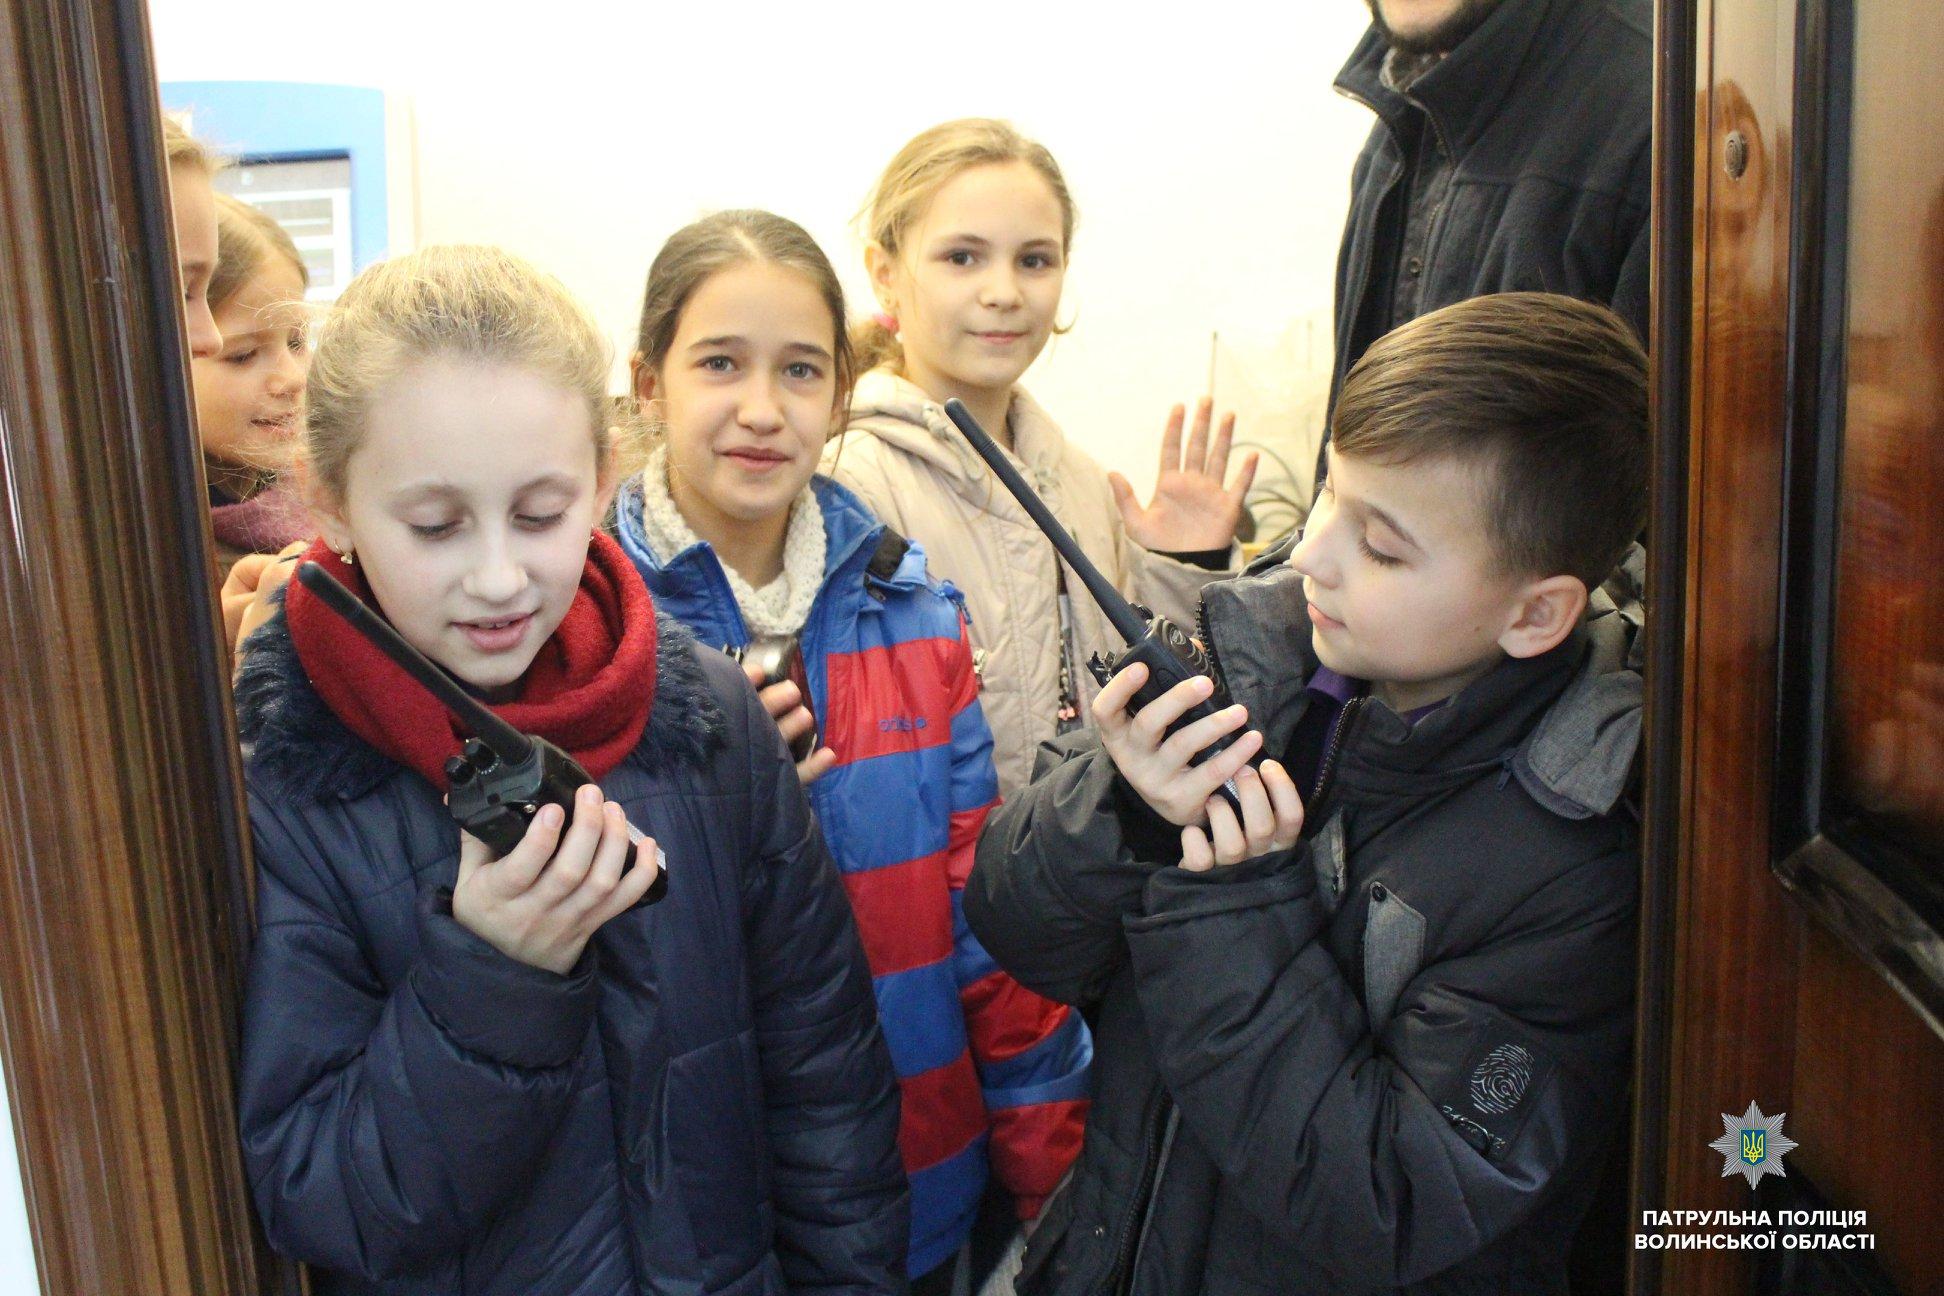 Луцькі школярі отримали від патрульних подарунки. ФОТО